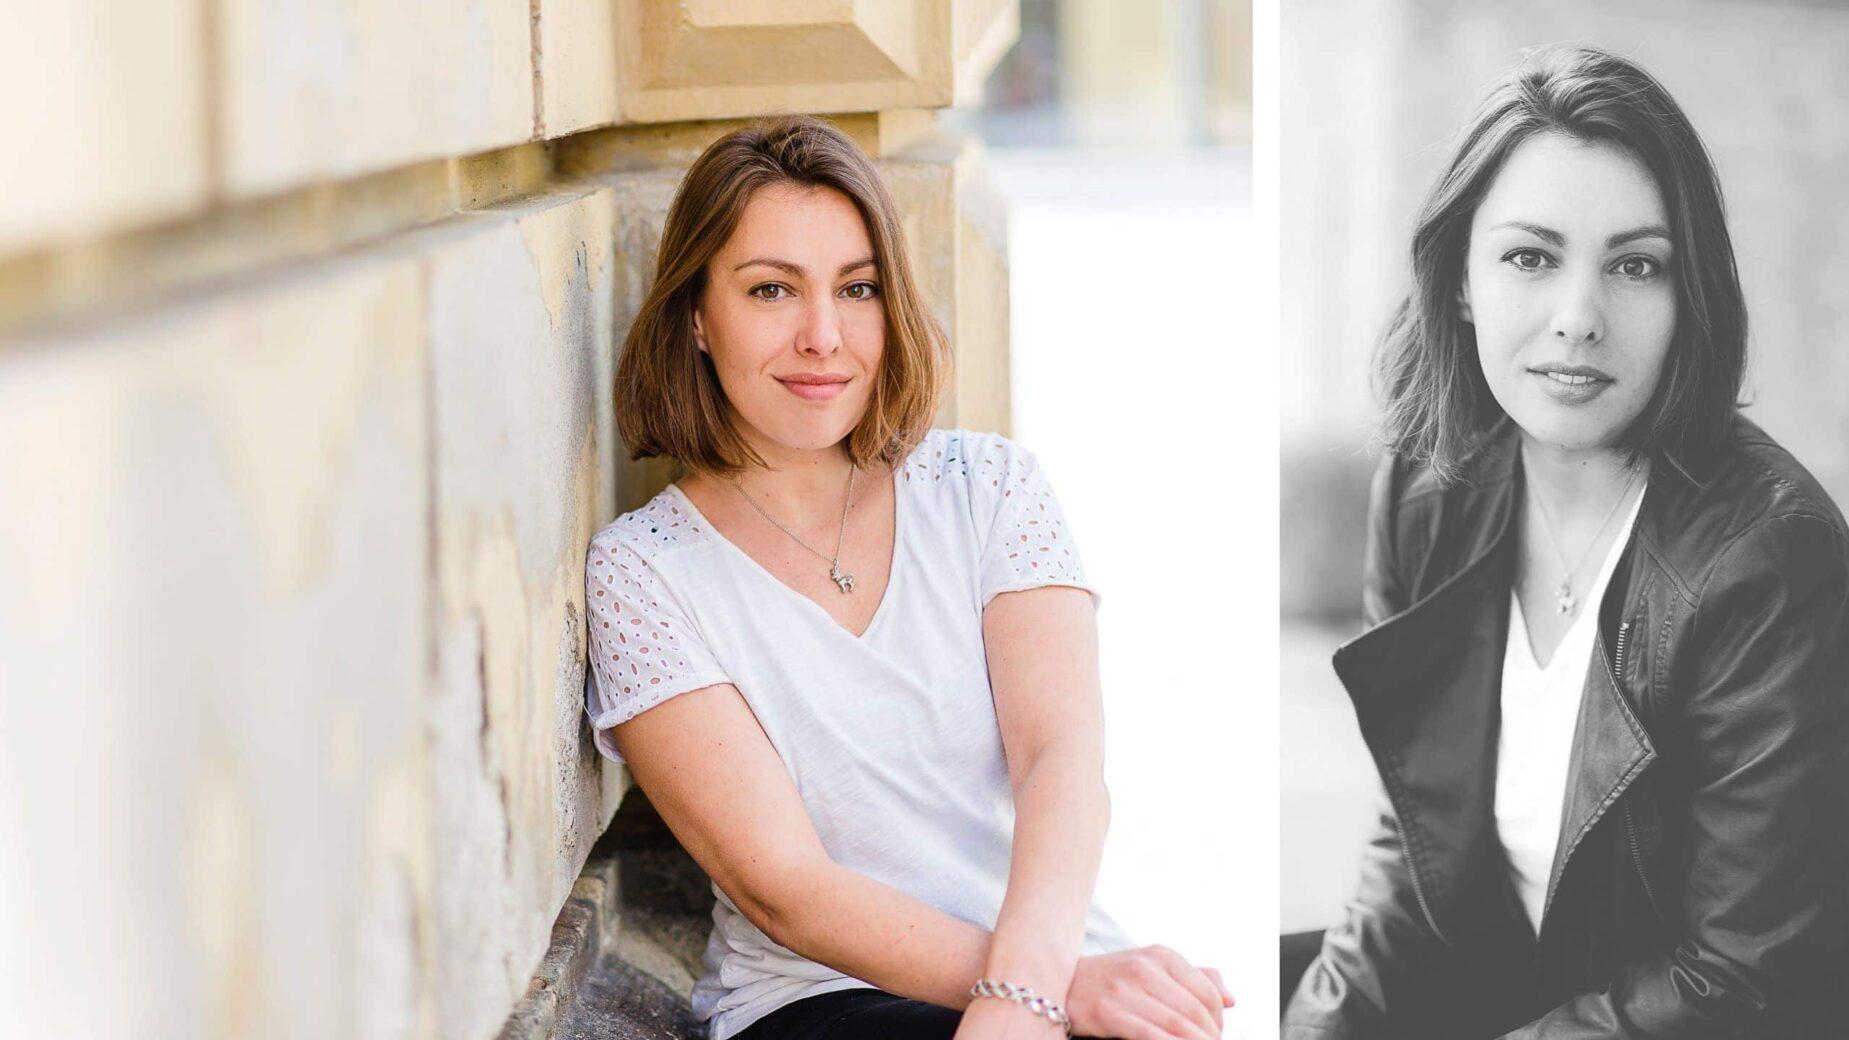 Portraitfotos in München, professionelle und individuelle Portraitfotos in München und Umgebung